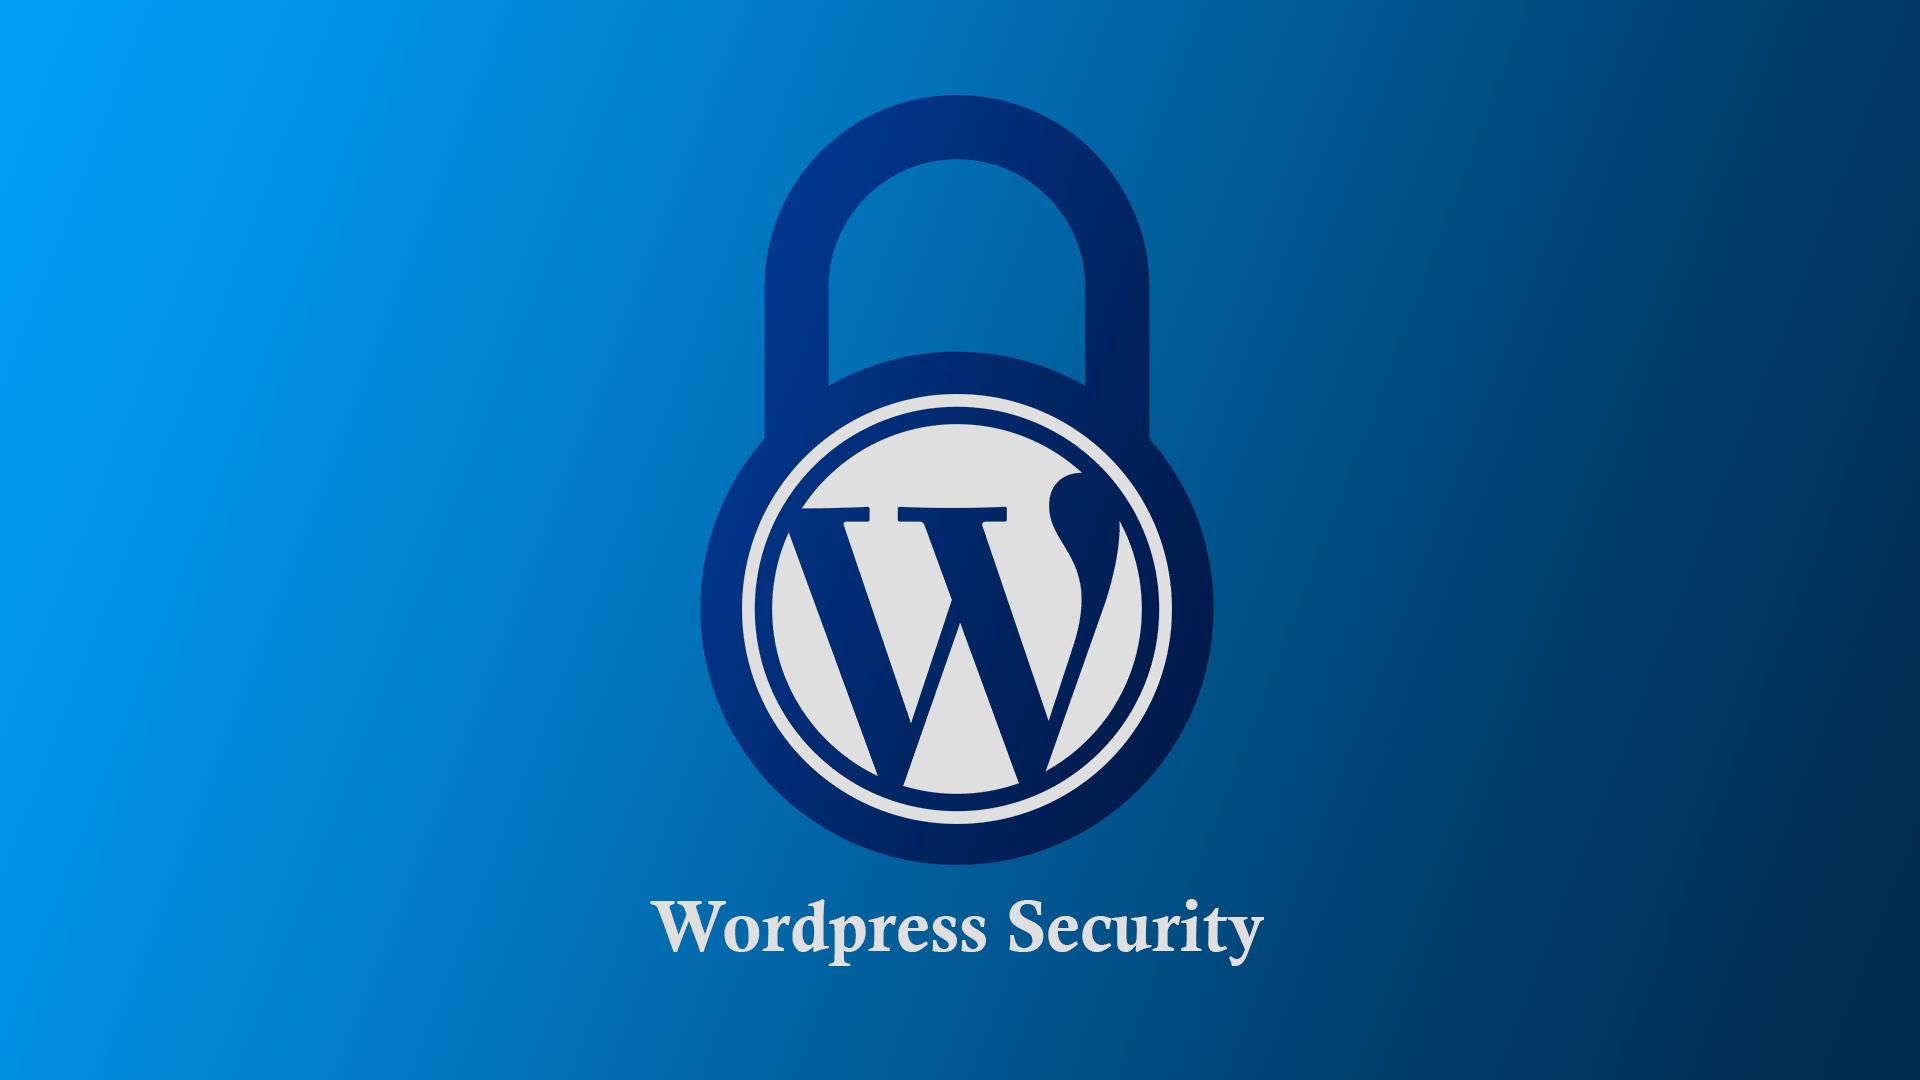 Vijf tips voor een veiligere website met WordPress